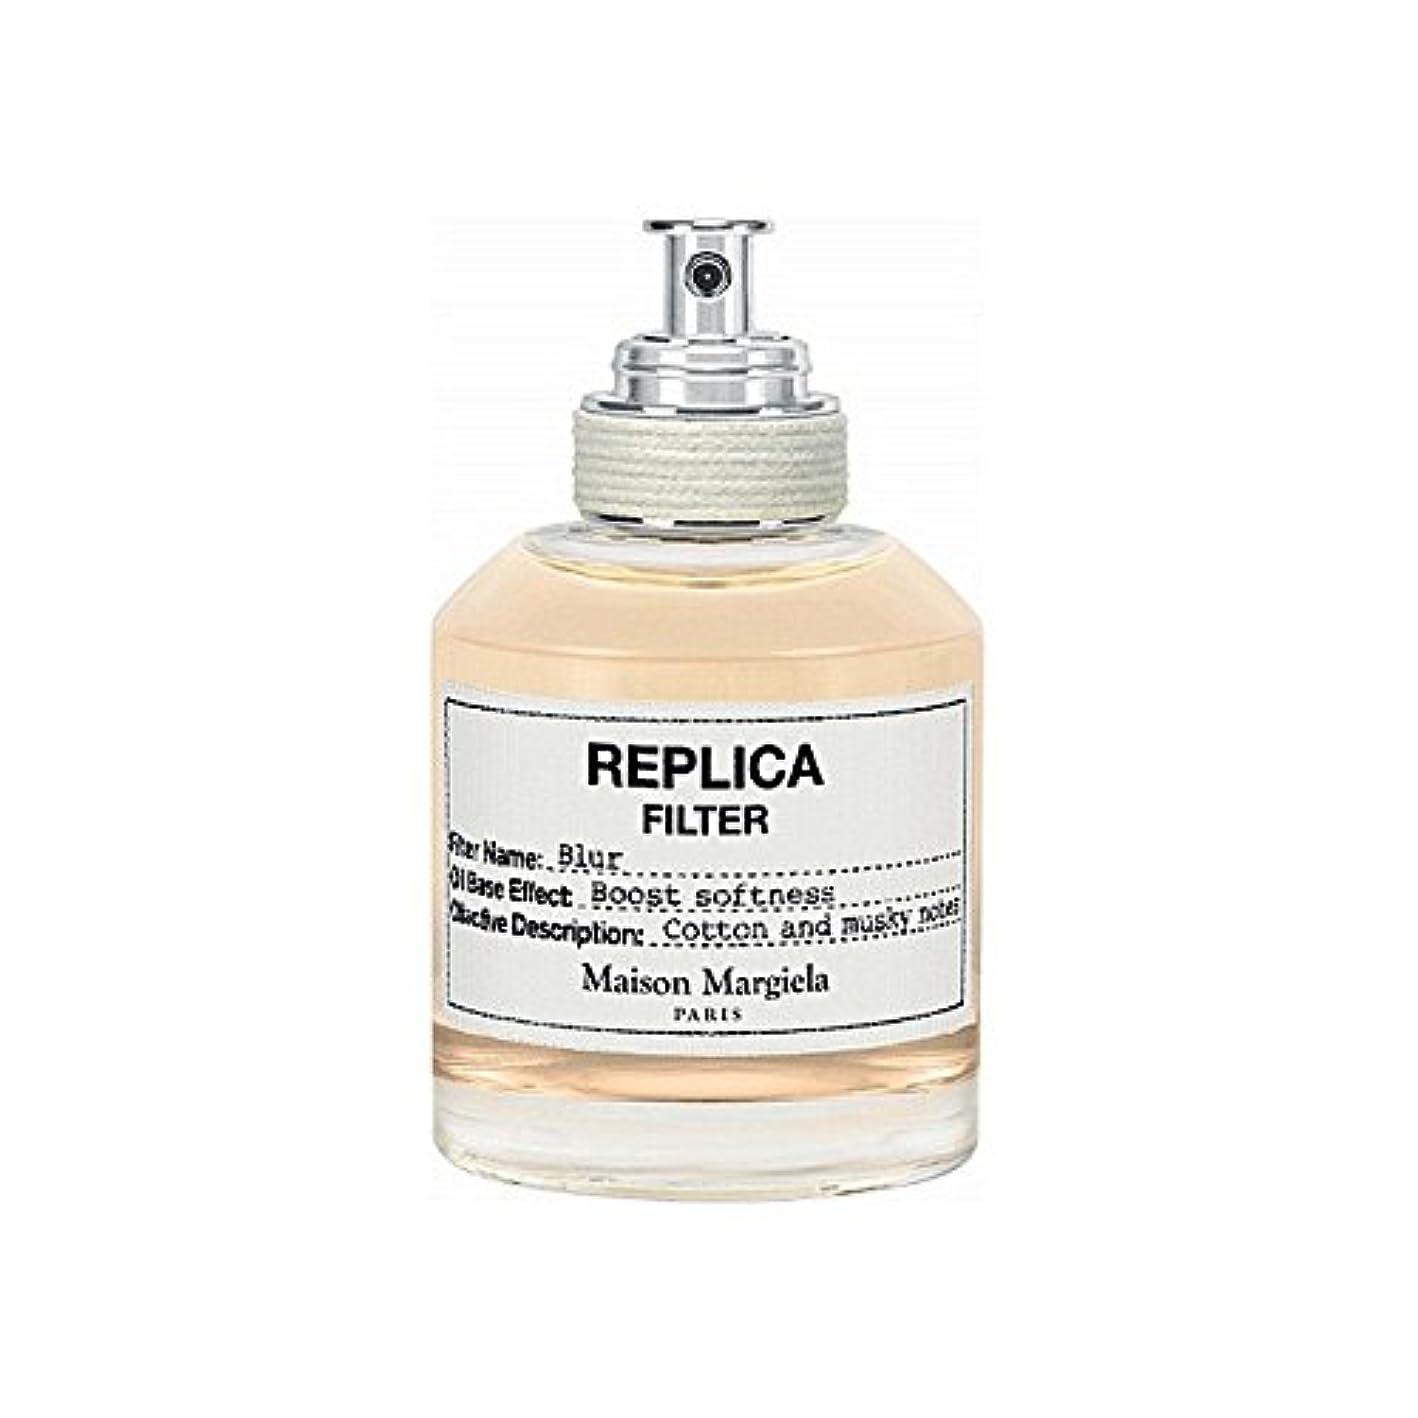 剃る会う栄養メゾンマルジェラのぼかしレプリカフィルタ50ミリリットル x4 - Maison Margiela Blur Replica Filter 50ml (Pack of 4) [並行輸入品]